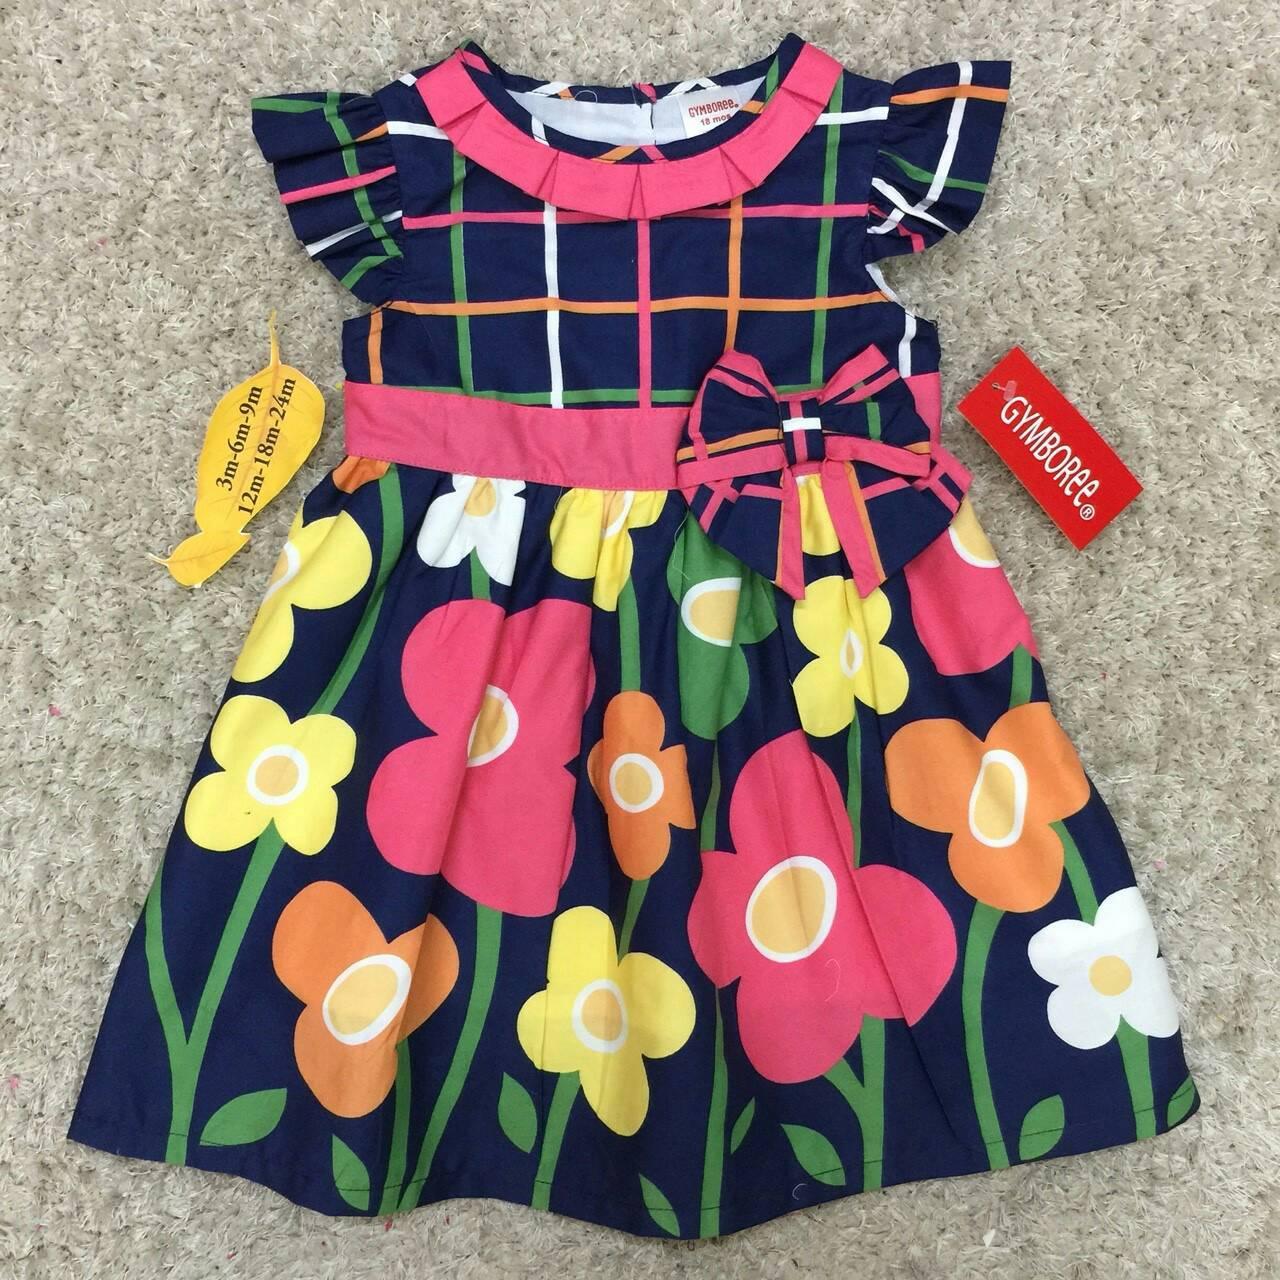 เสื้อผ้าเด็ก 1-2ปี size 12m-18m-24m ลายดอกไม้ พื้นหลังสีกรมท่า